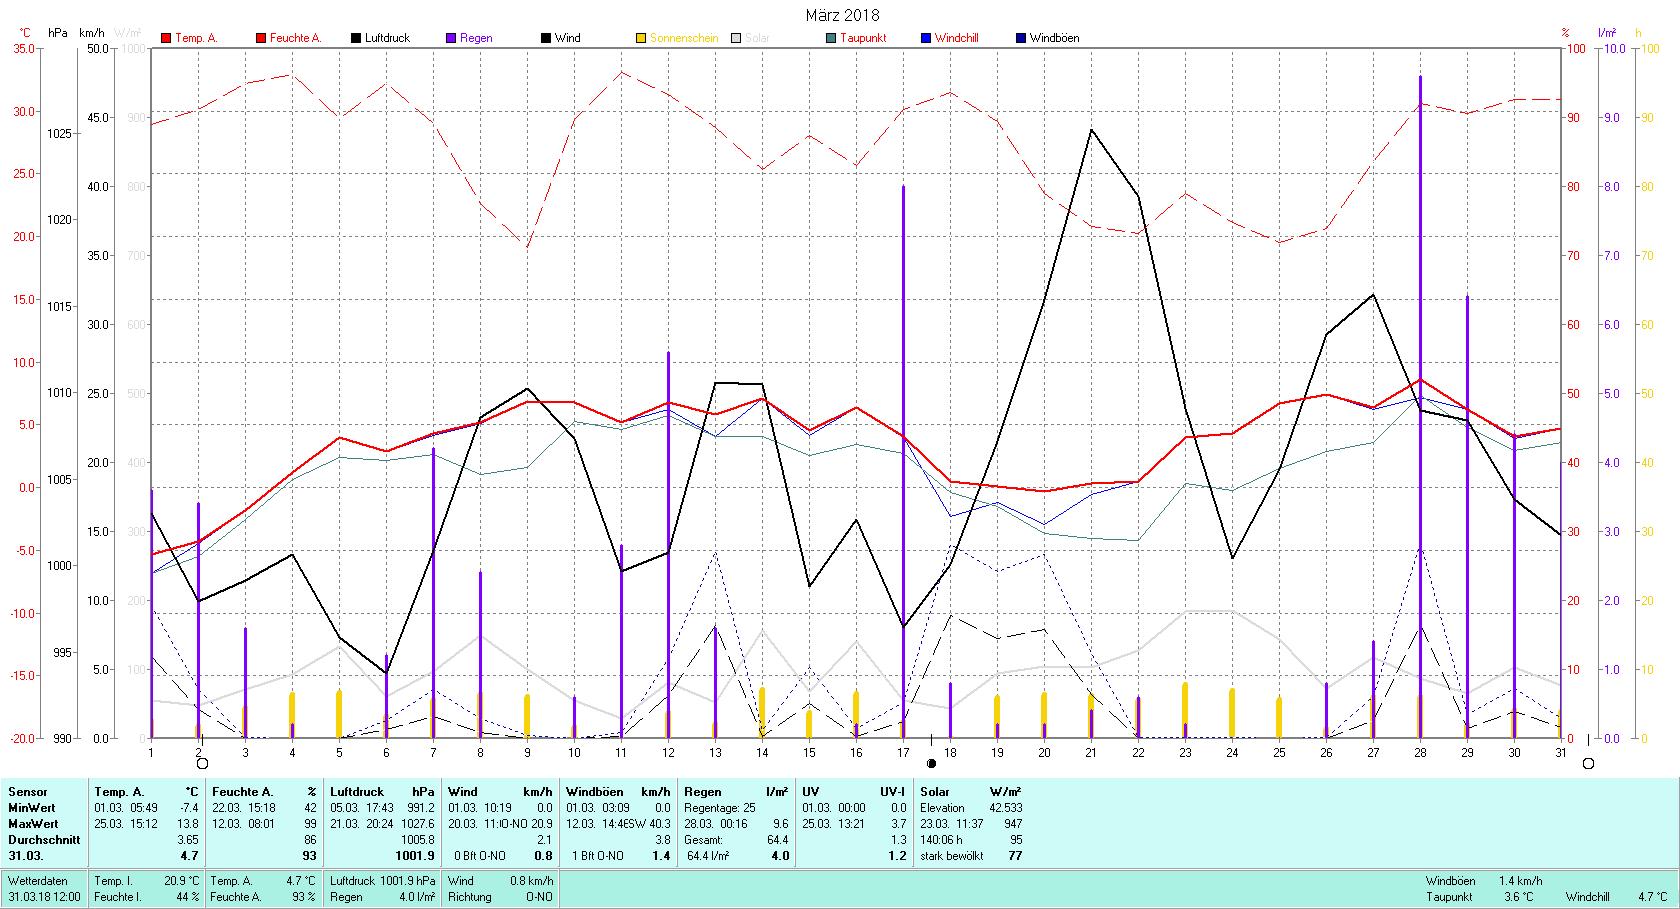 März 2018 Tmin -7.4°C, Tmax 13.8°C, Sonne 140:06 h, Niederschlag 64.4mm/2